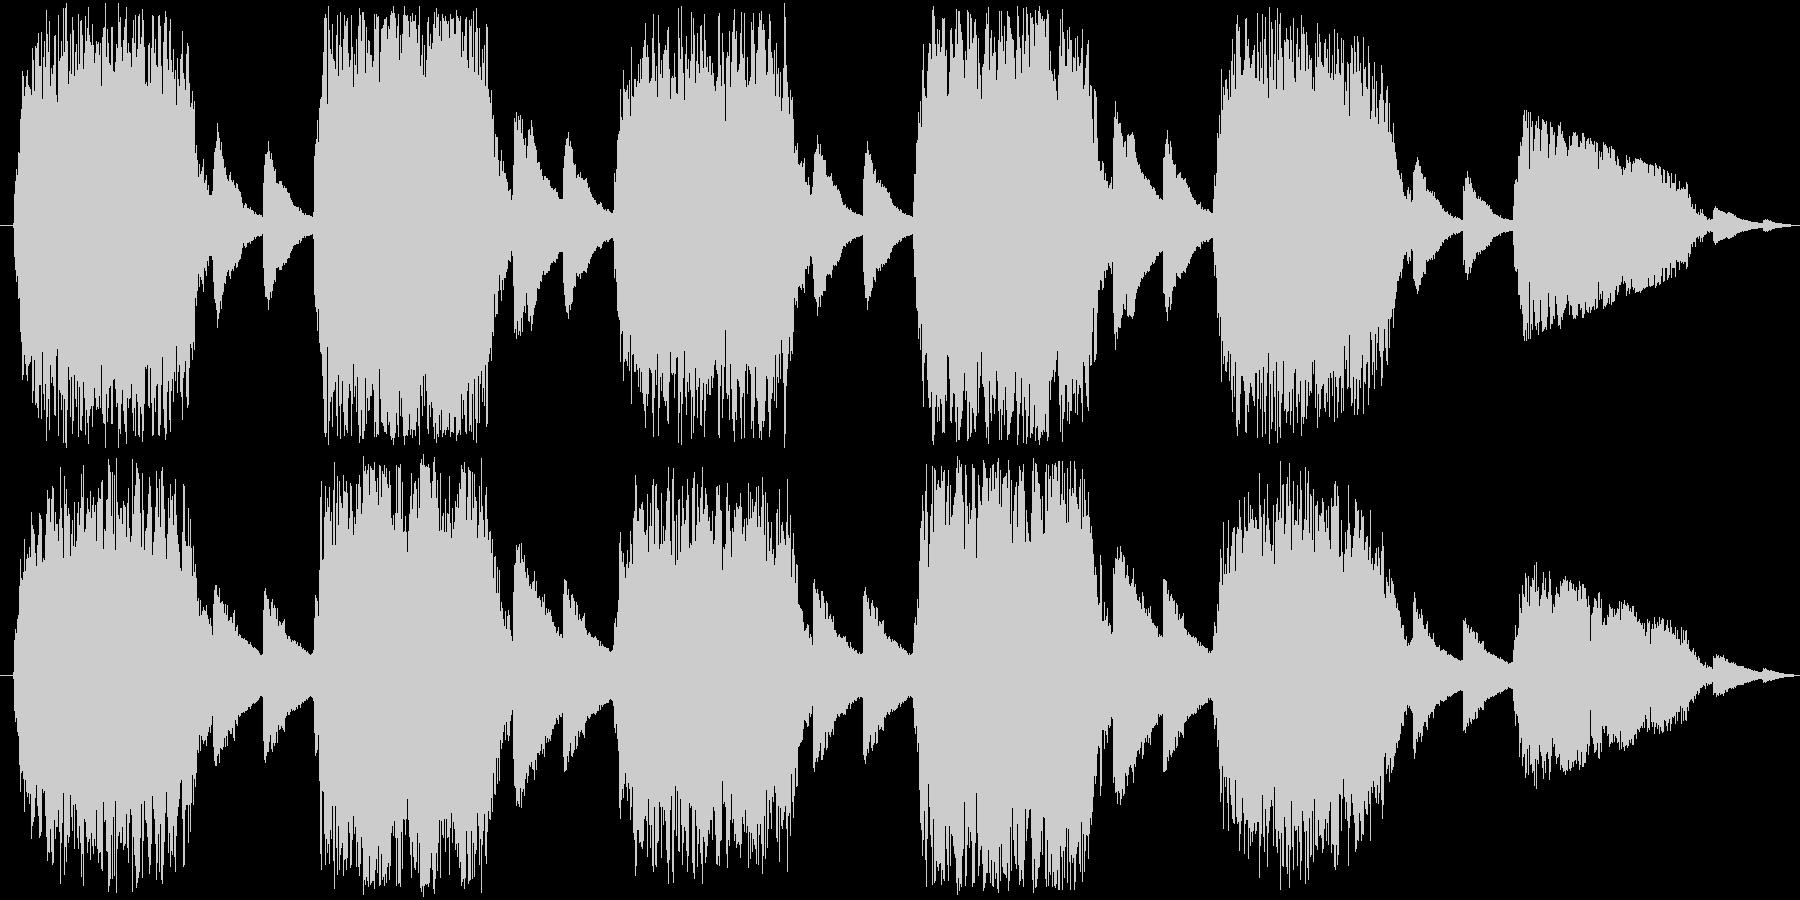 クワイアによる不気味で禍々しい楽曲の未再生の波形